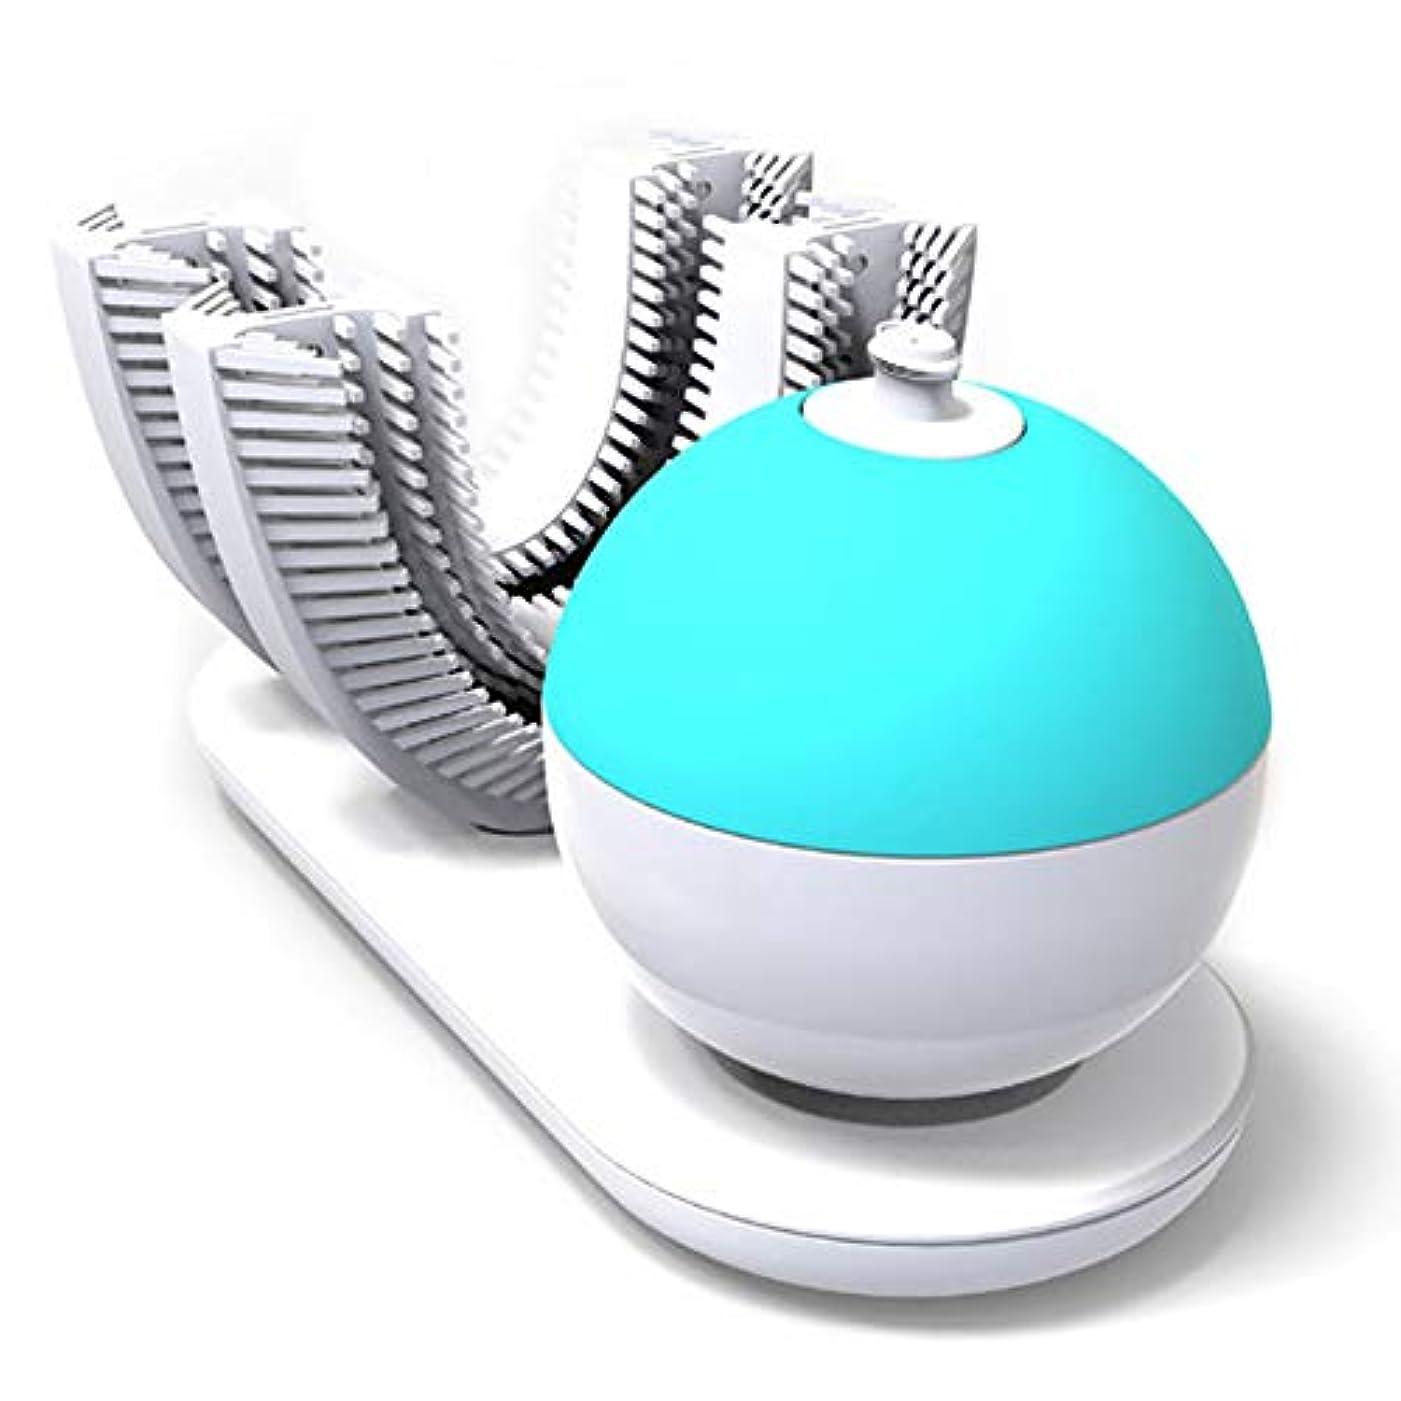 老人鋭くポーンフルオートマチック可変周波数電動歯ブラシ、自動360度U字型電動歯ブラシ、ワイヤレス充電IPX7防水自動歯ブラシ(大人用)